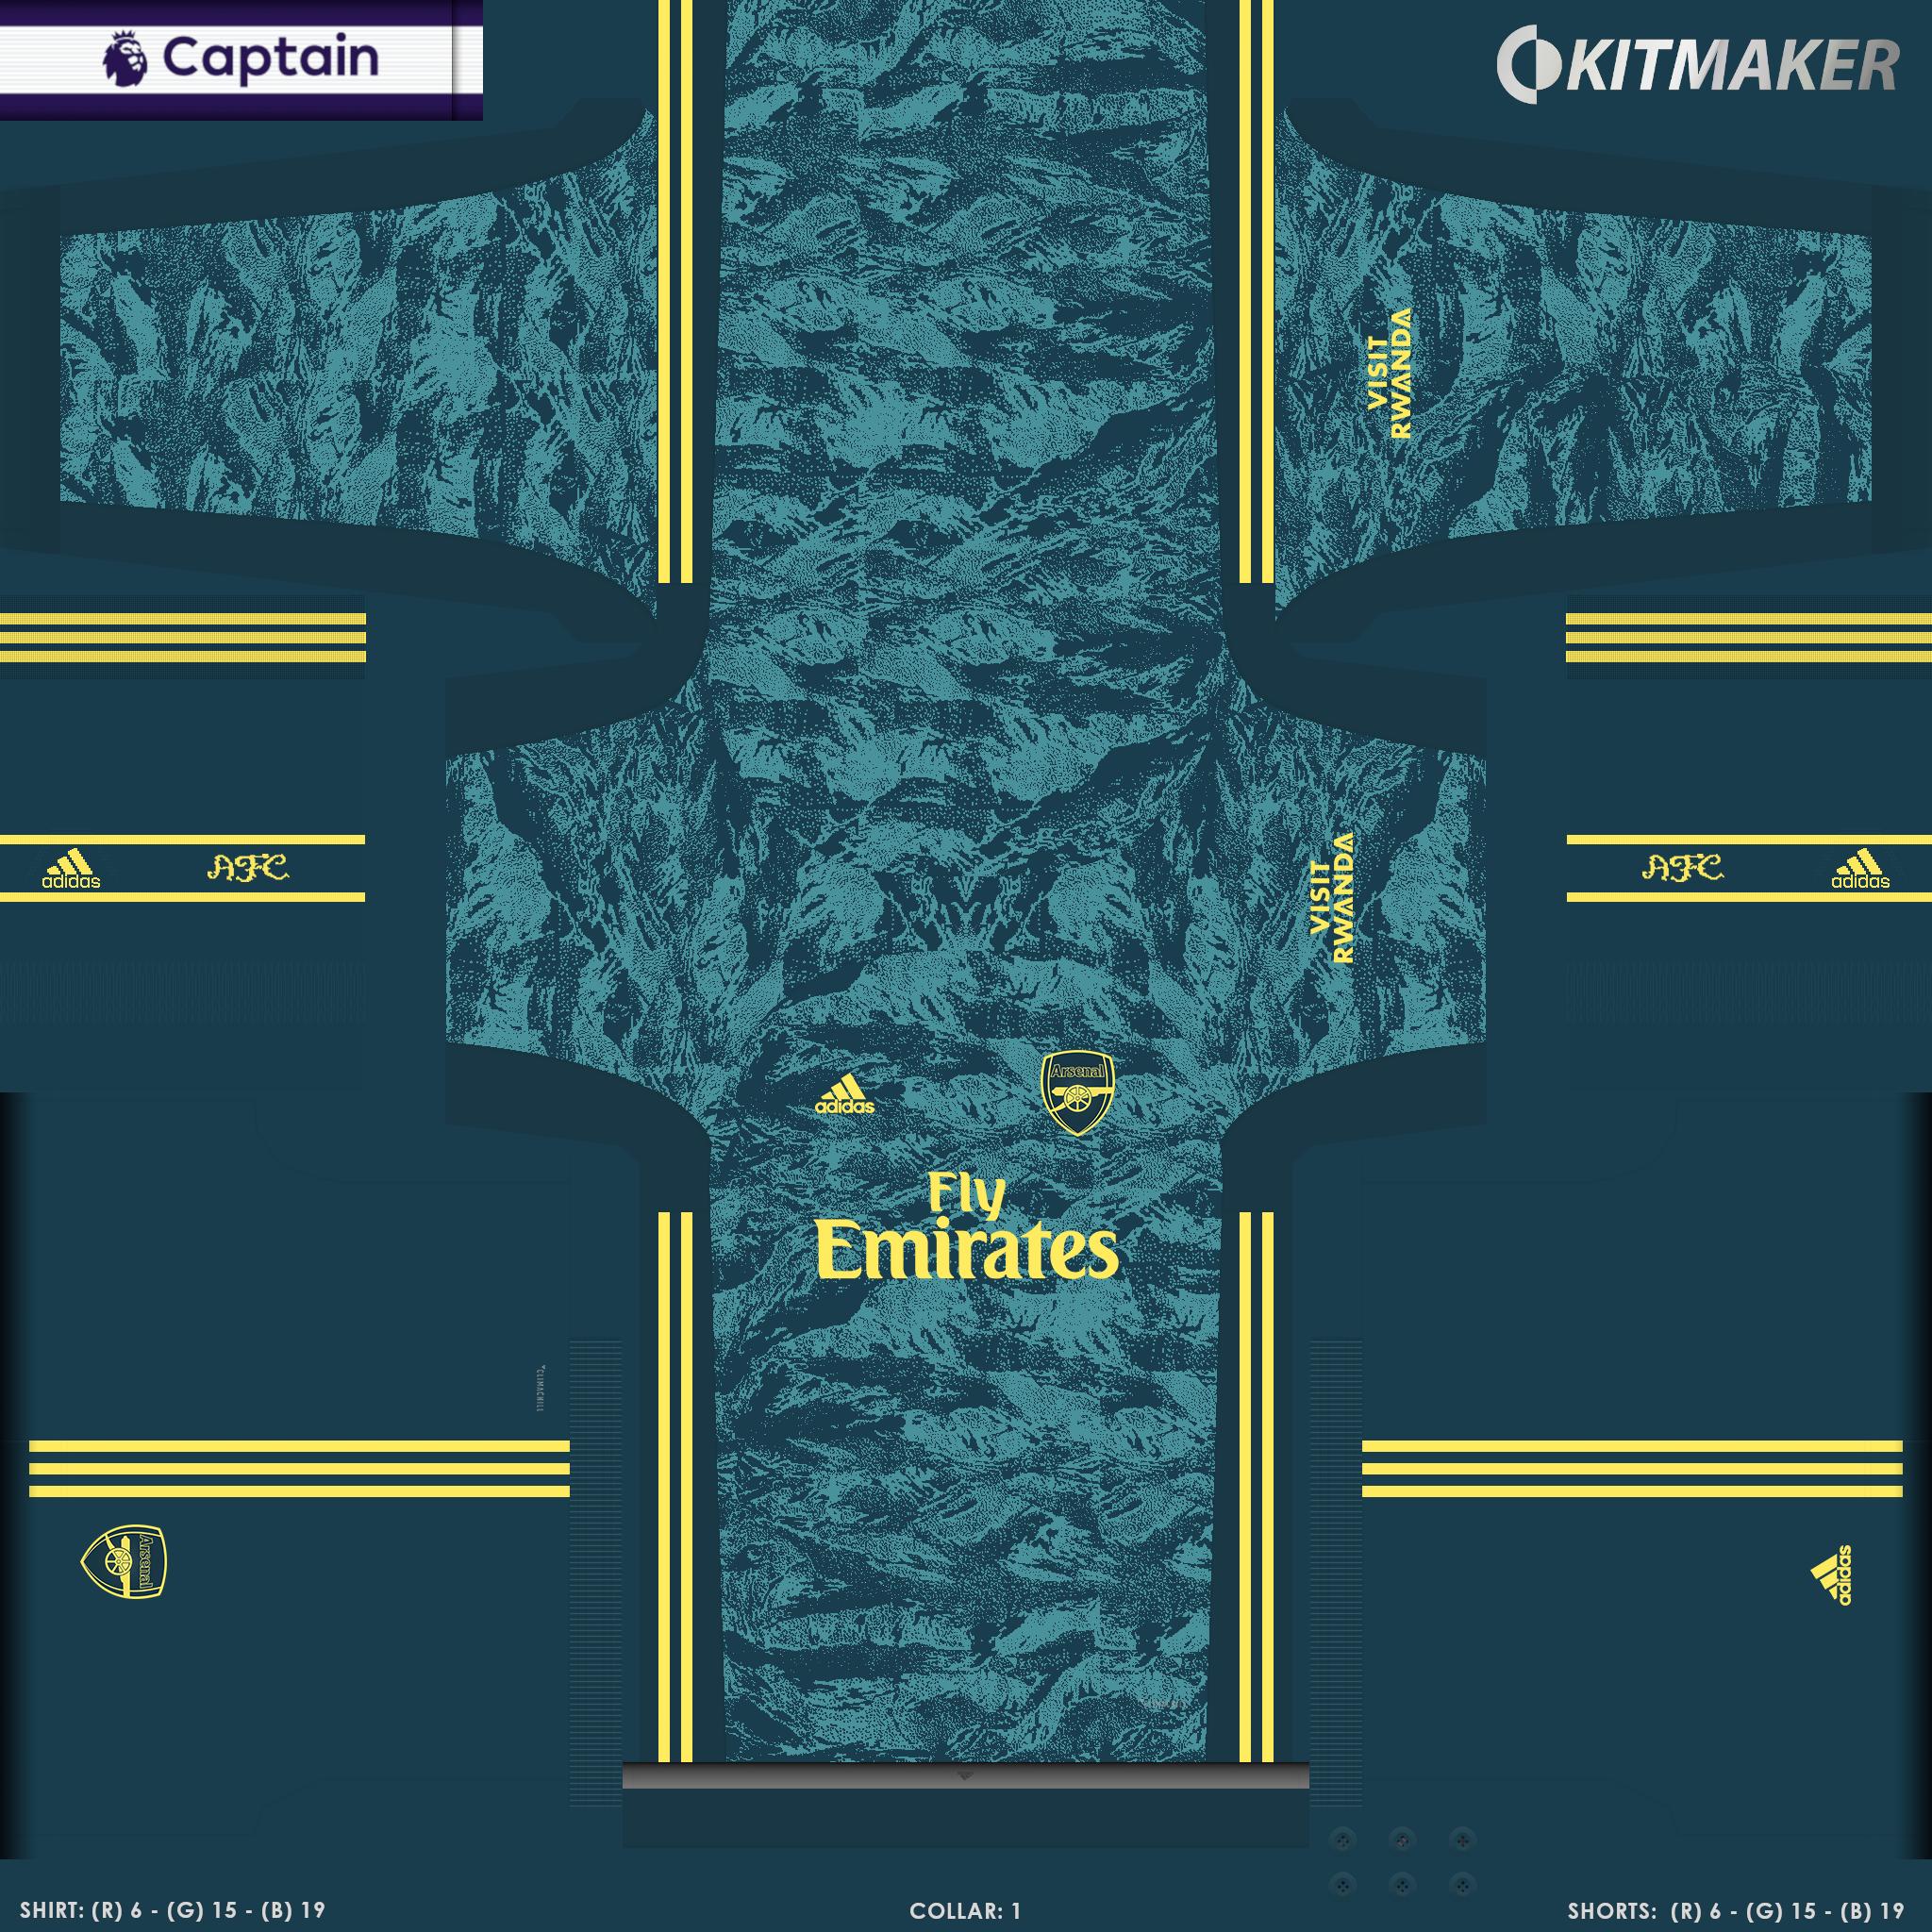 ENG 1 ARS 4 PES Premier League Kits Pack 2019 2020